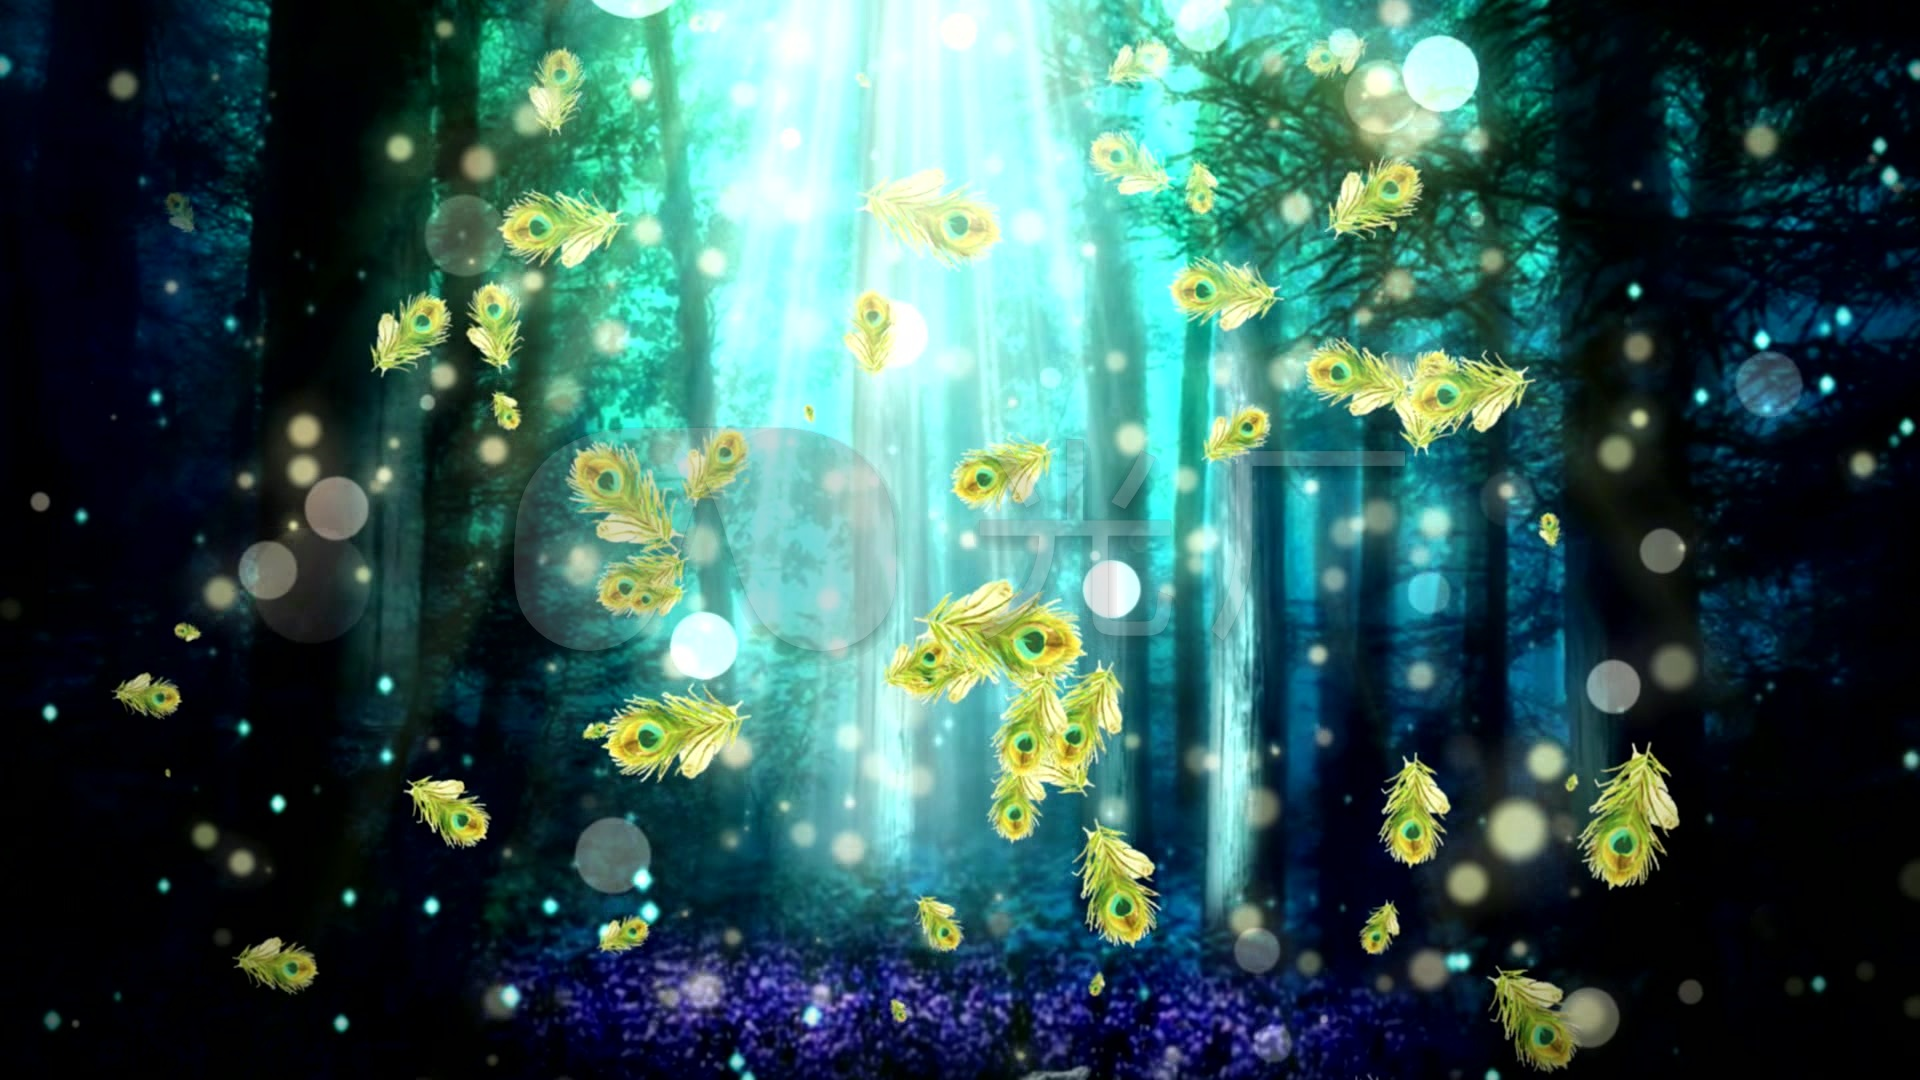 视频素材 舞台背景 场景背景 奇幻森林意境梦幻绚丽孔雀舞视频背景